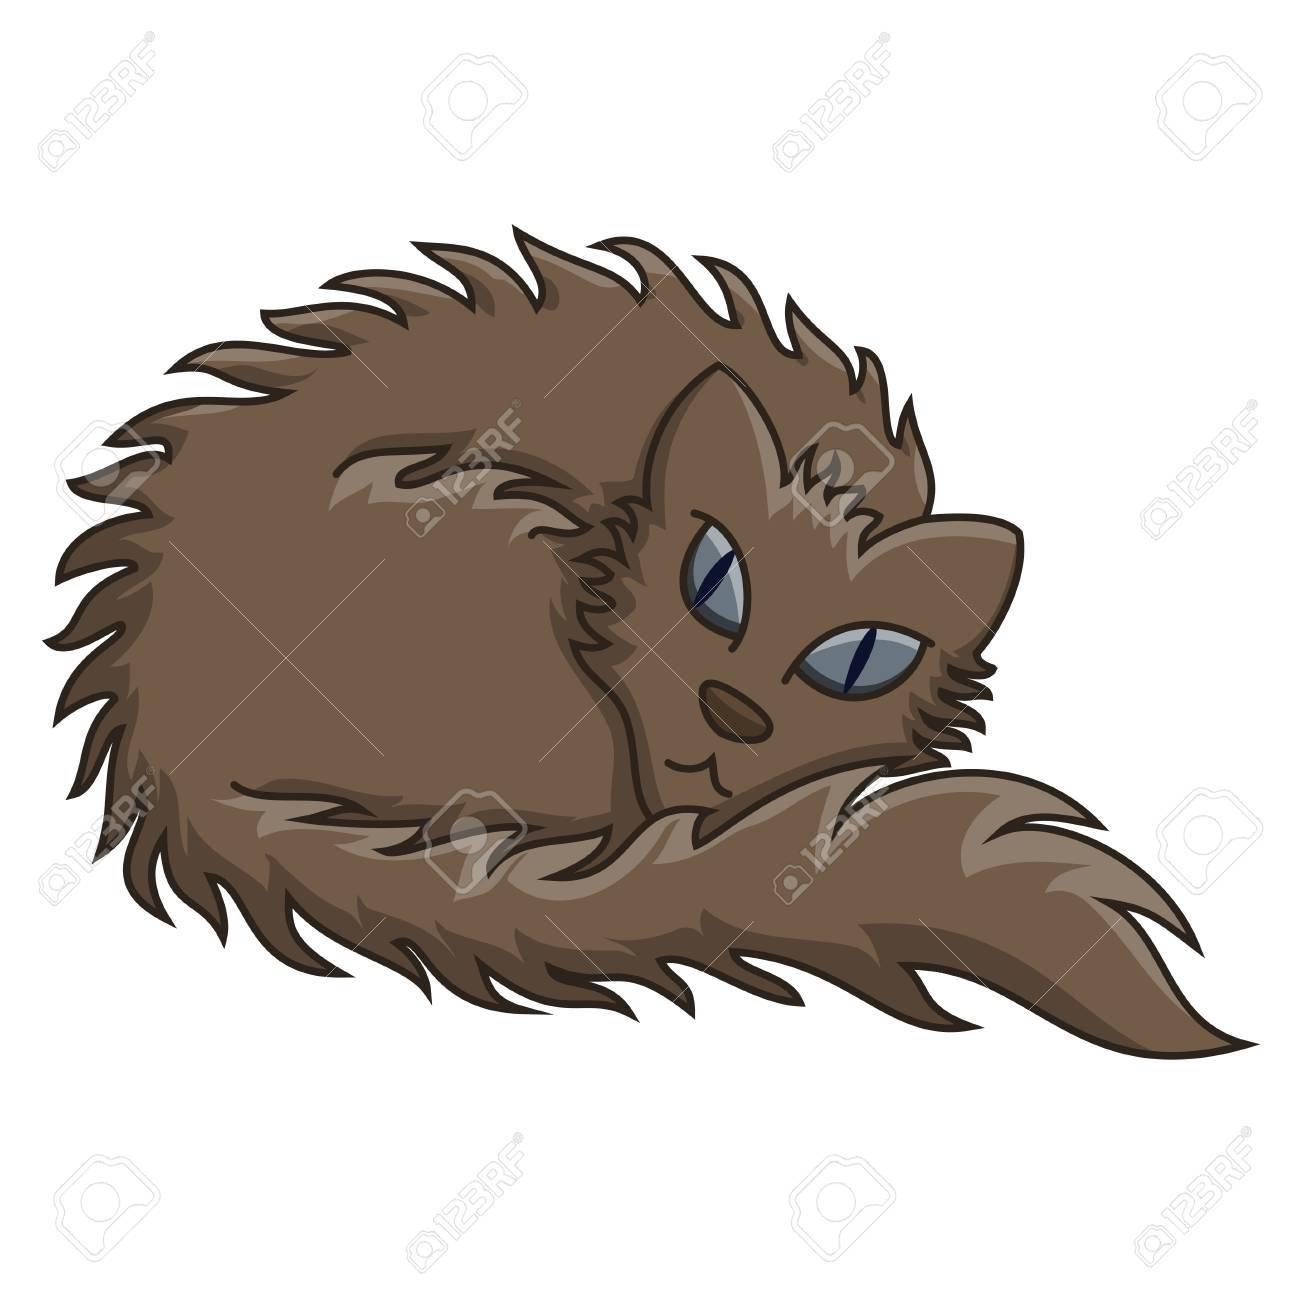 暗い茶色のふわふわした猫 柔らかいウール 透明描画モードとフワフワした猫のベクトル イラストのイラスト素材 ベクタ Image